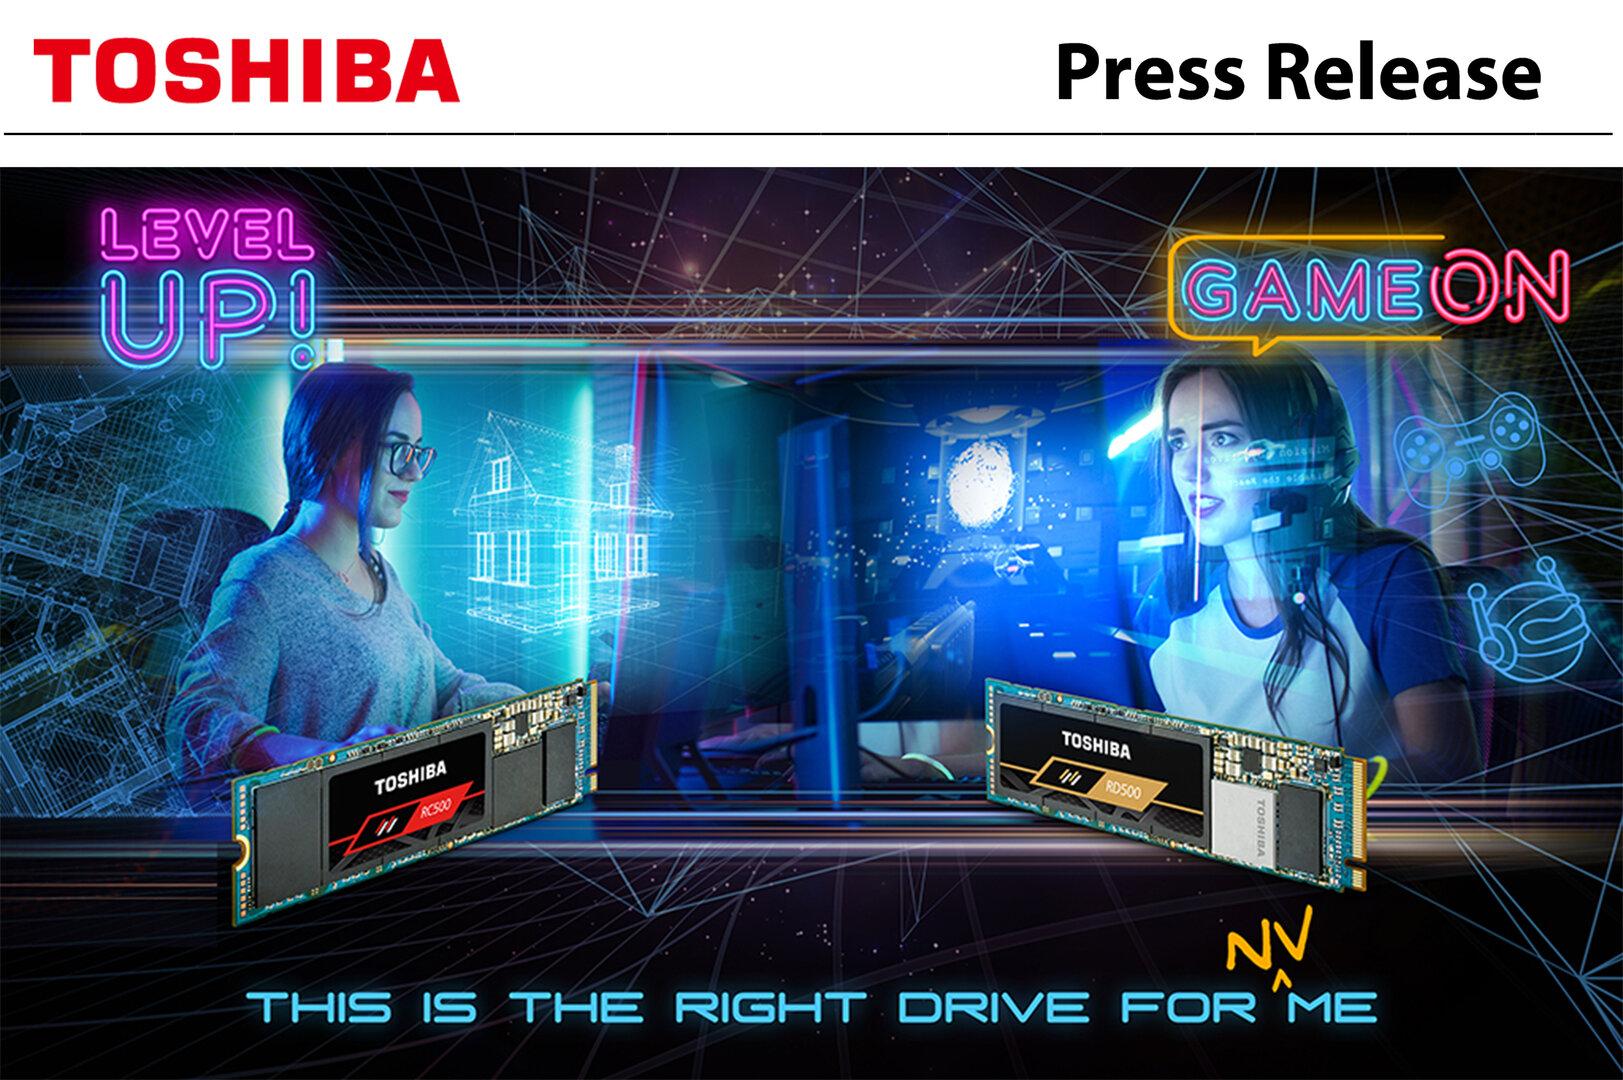 Gamer im Fokus: Werbebild für Toshiba RD500 und RC500